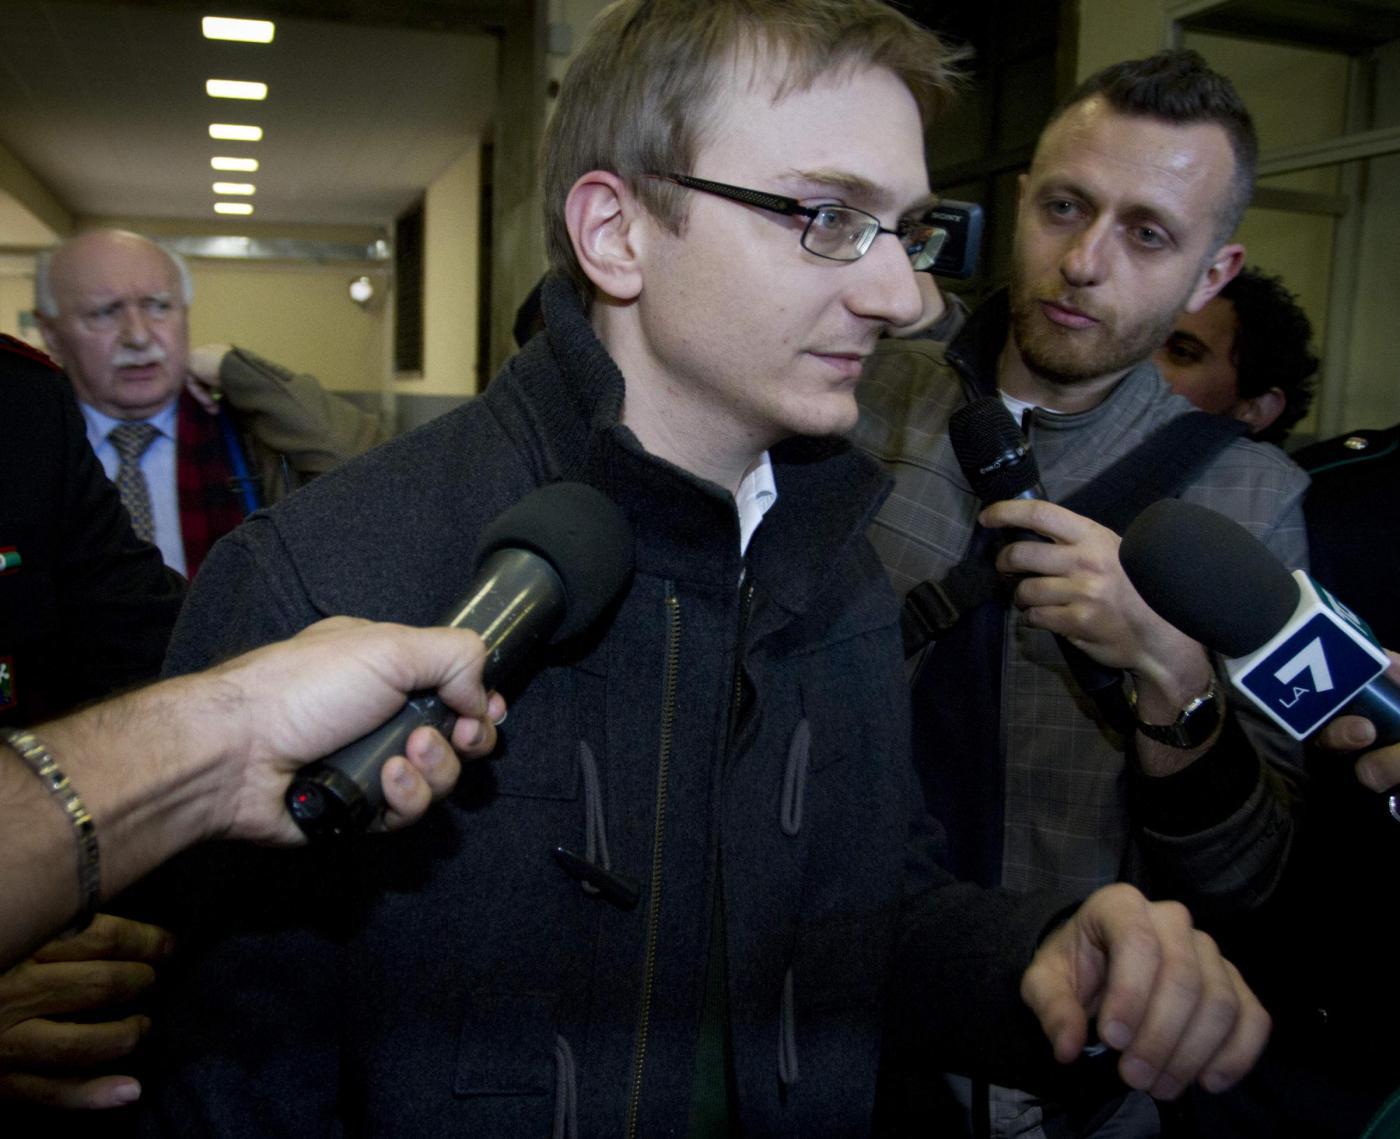 Delitto di Garlasco : si apre il processo di appello bis a carico di Alberto Stasi